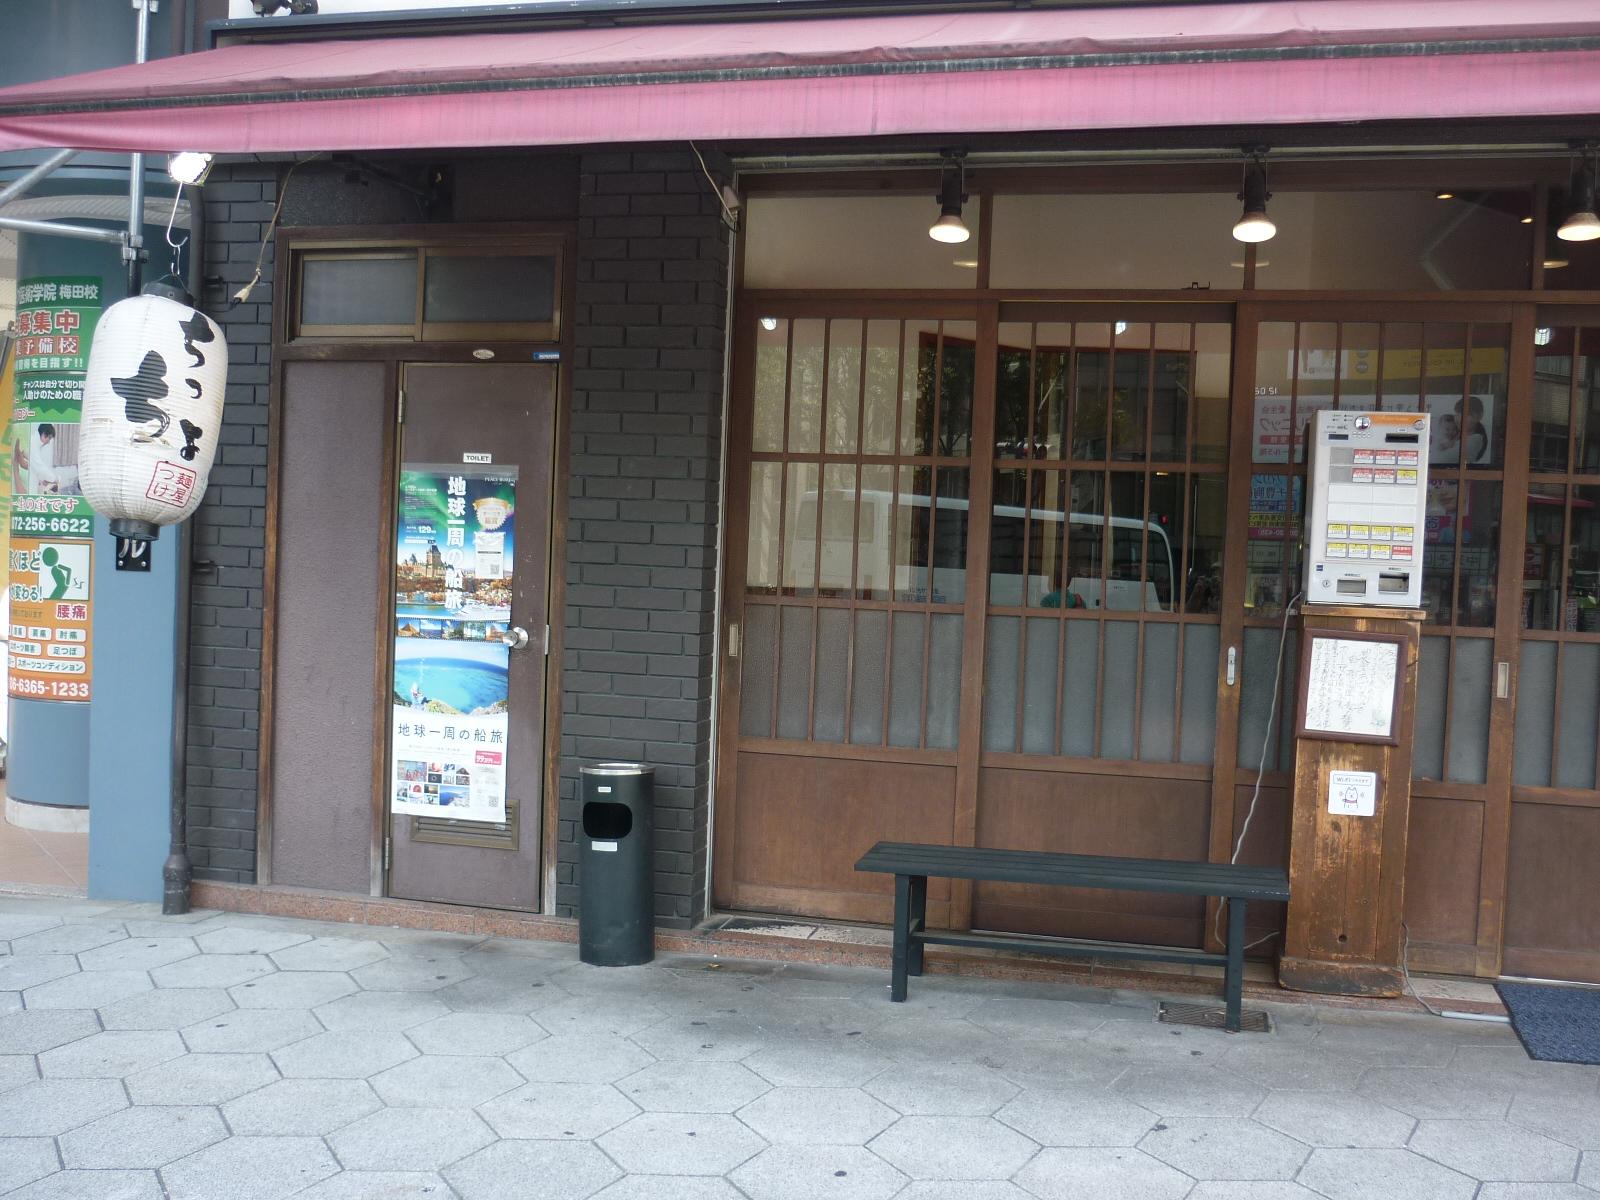 【グルメ記事】周辺ランチマップ Vol.5